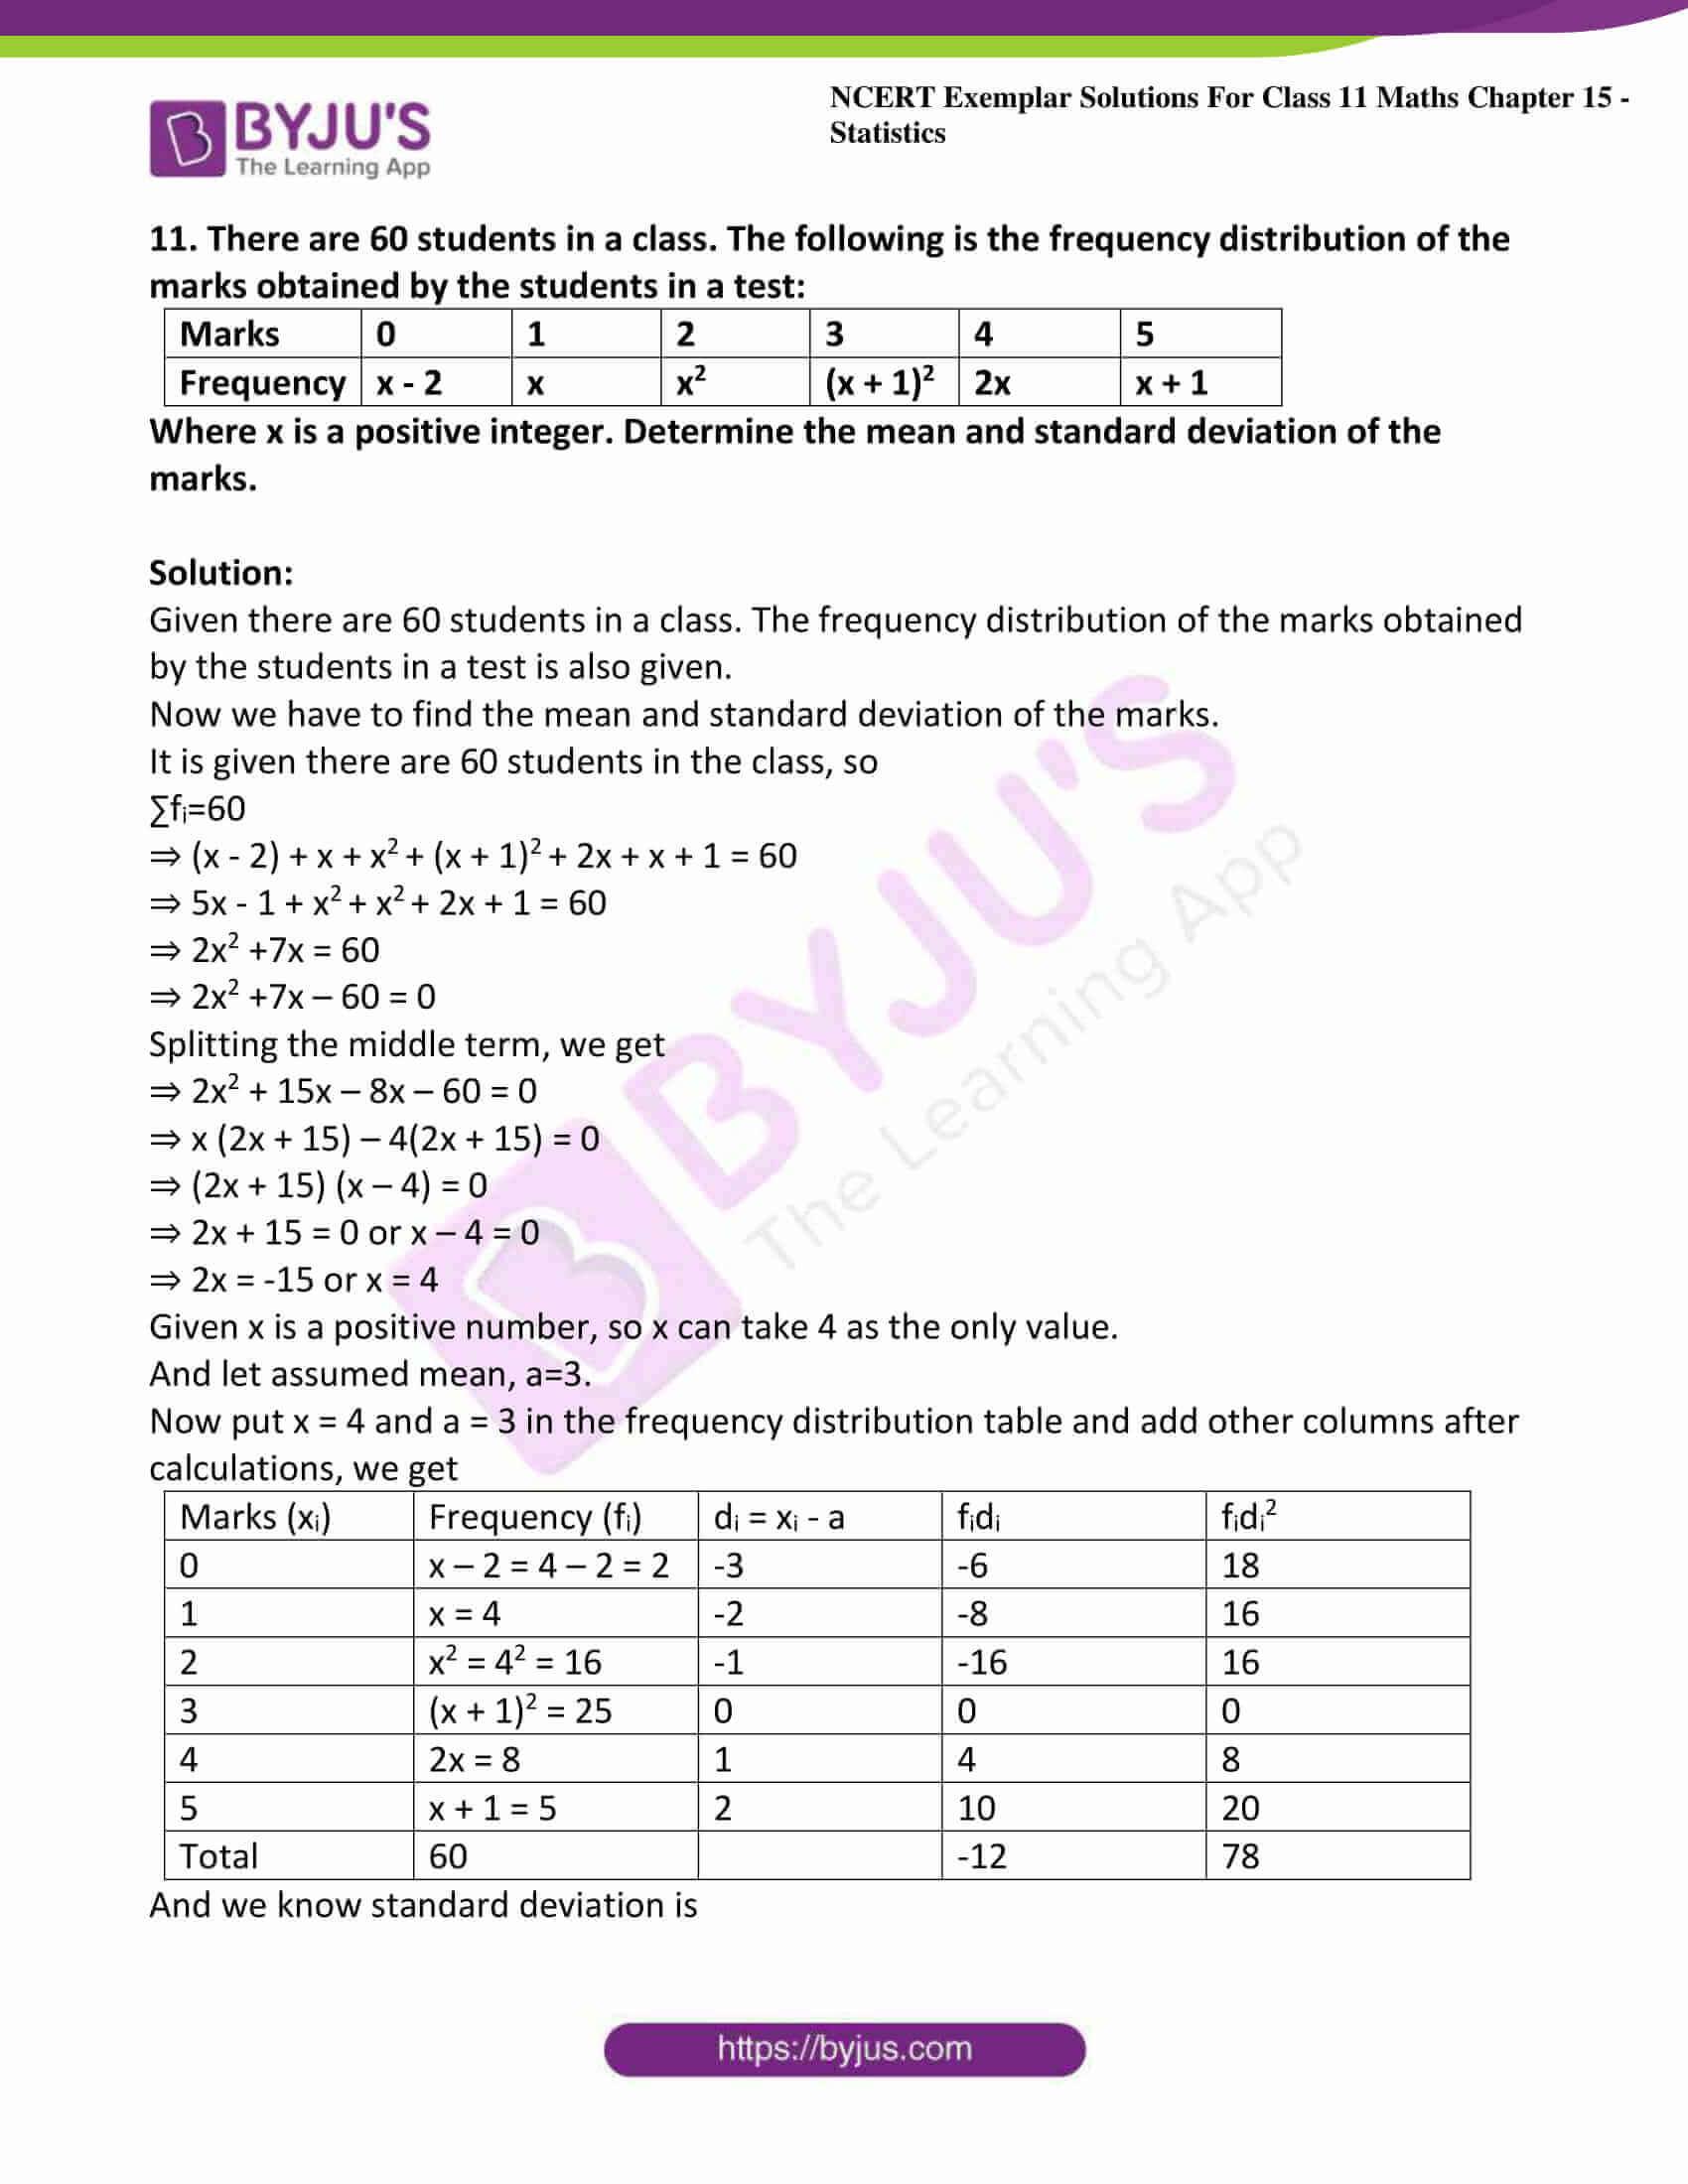 ncert exemplar sol class 11 maths chpt 15 statistics 16